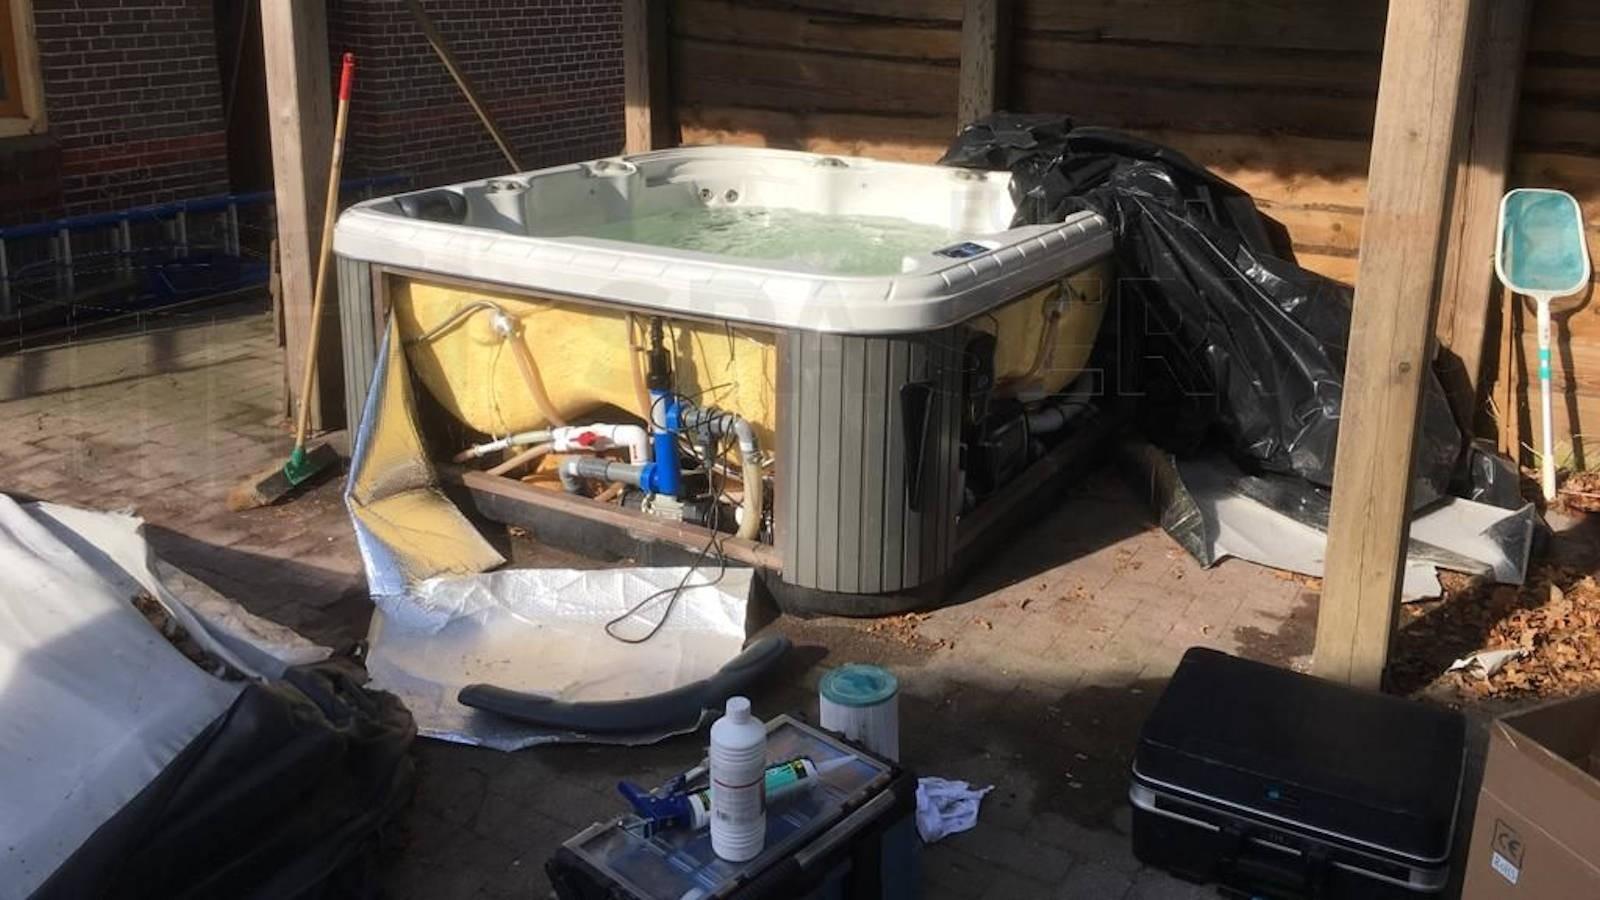 Reparatie defecte blower in een spa in Eén